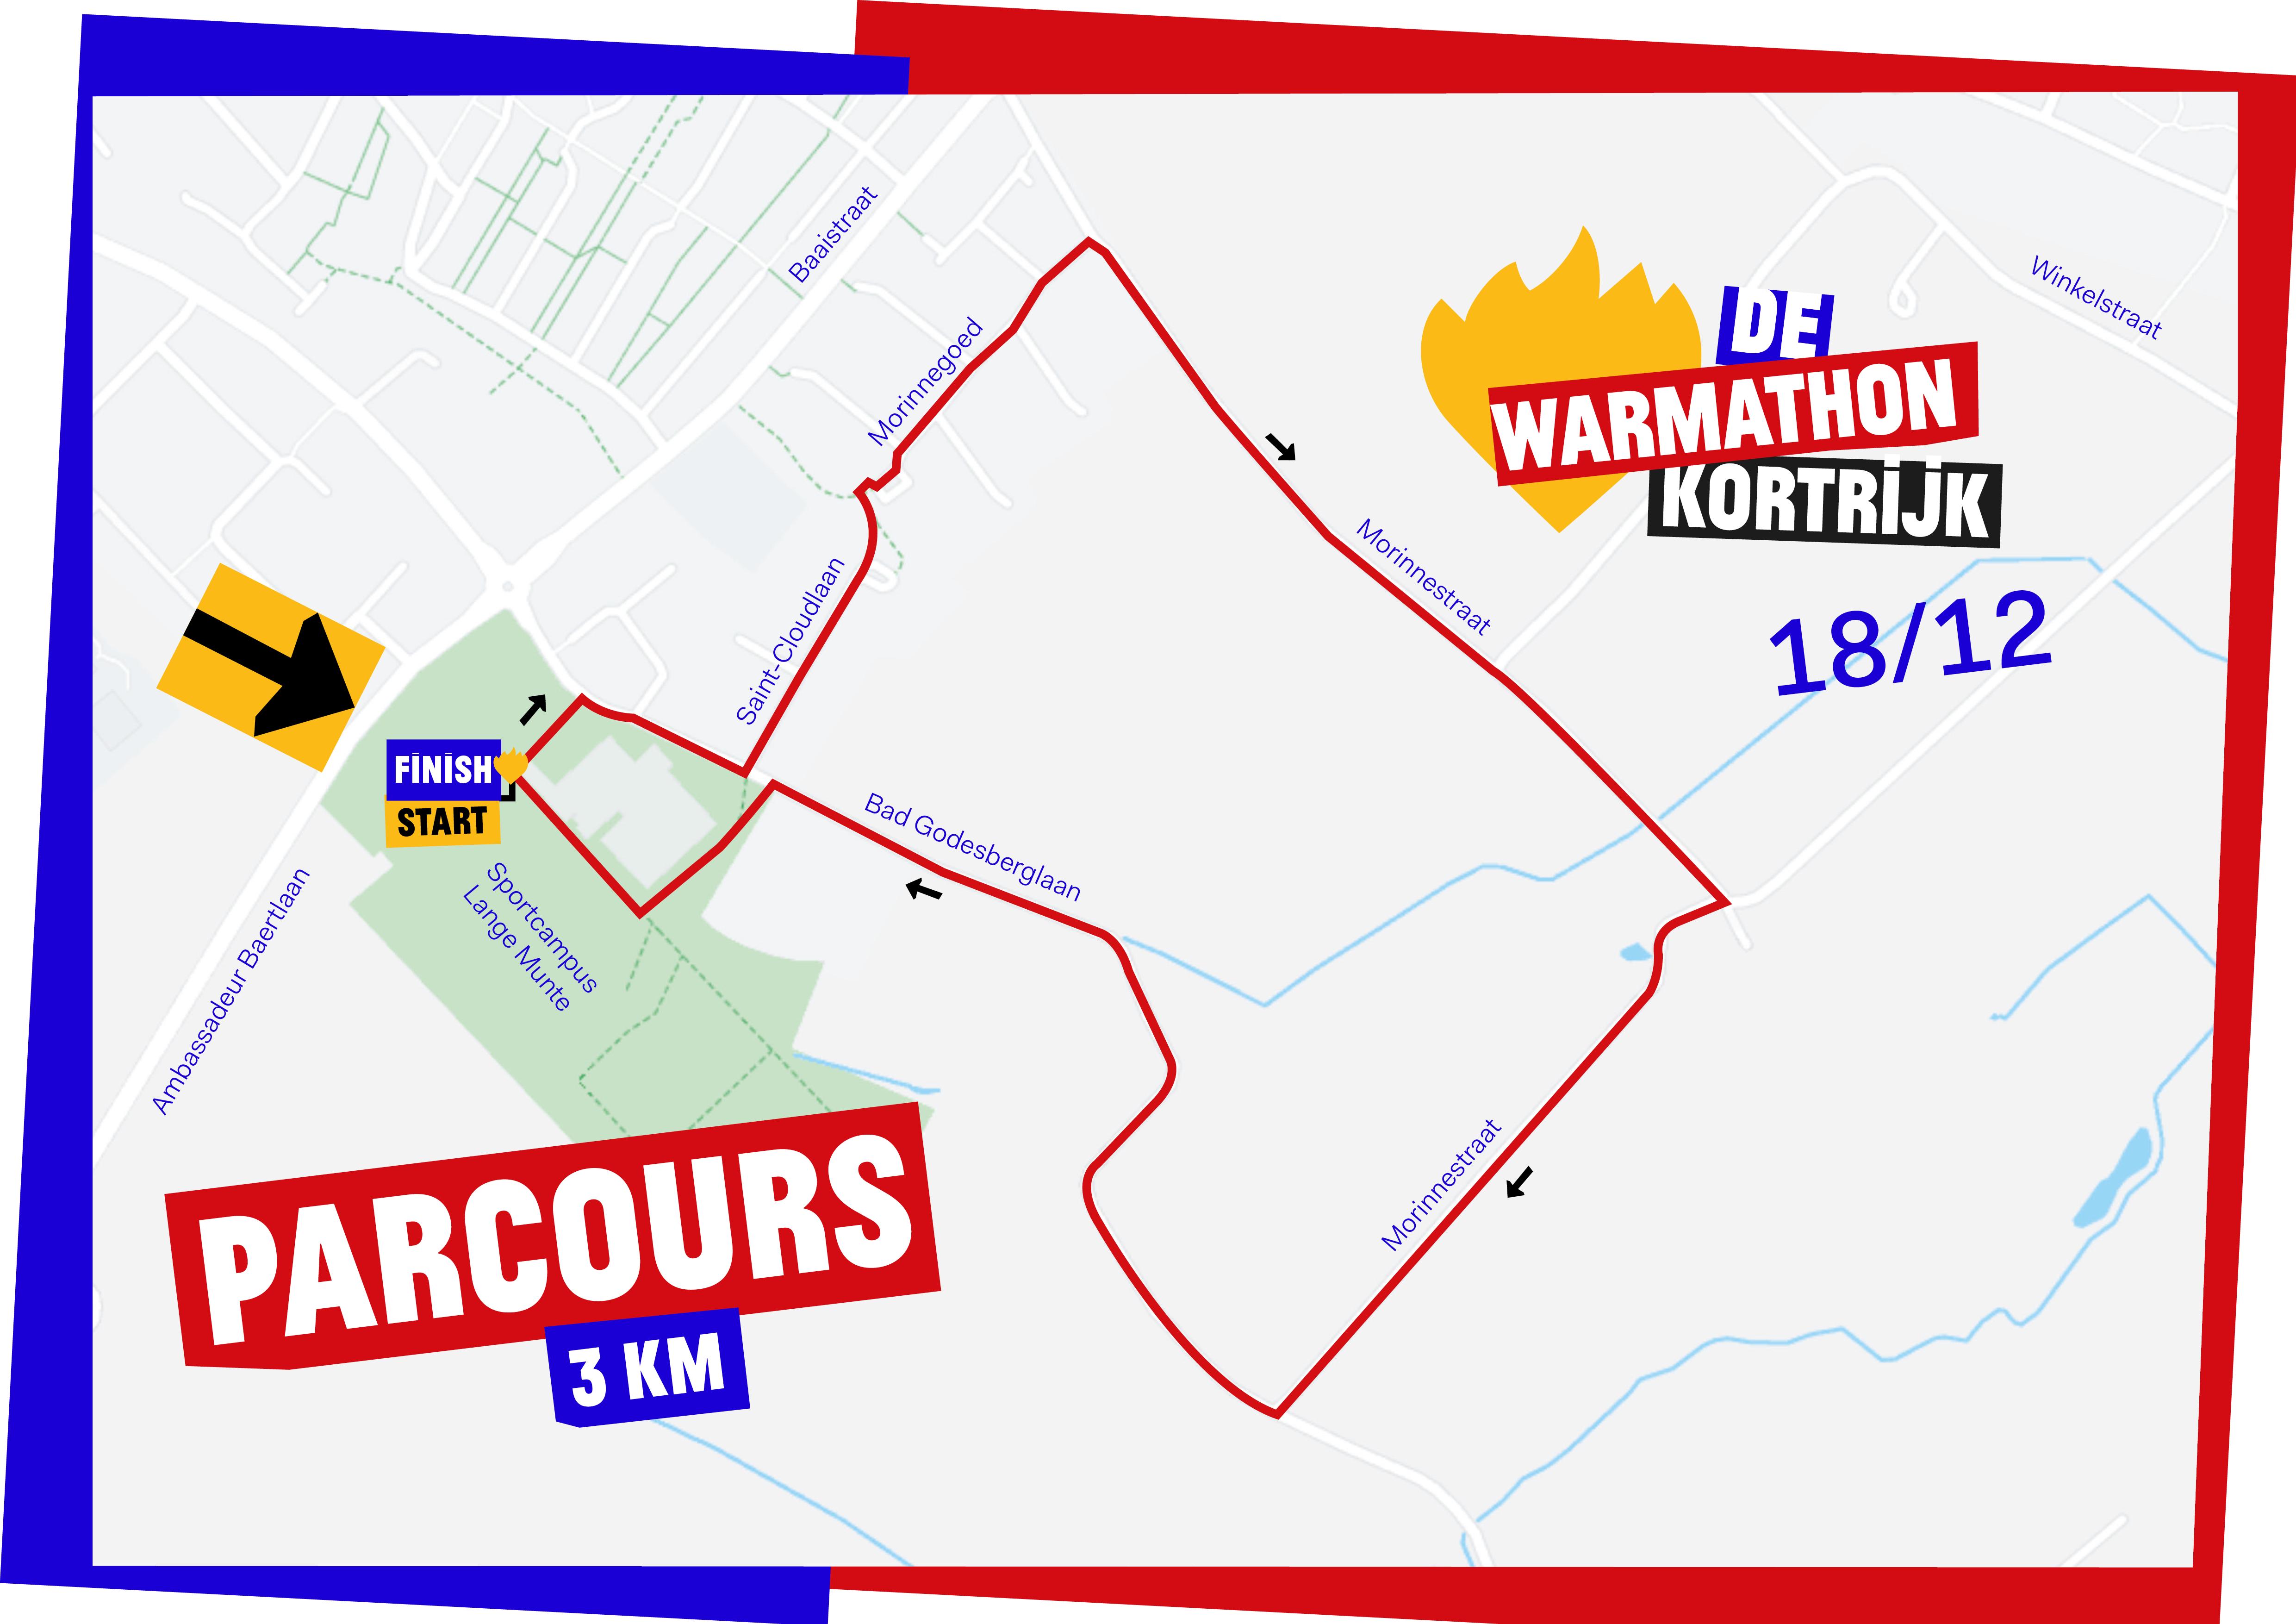 DWW19 Parcours-A3-Kortrijk